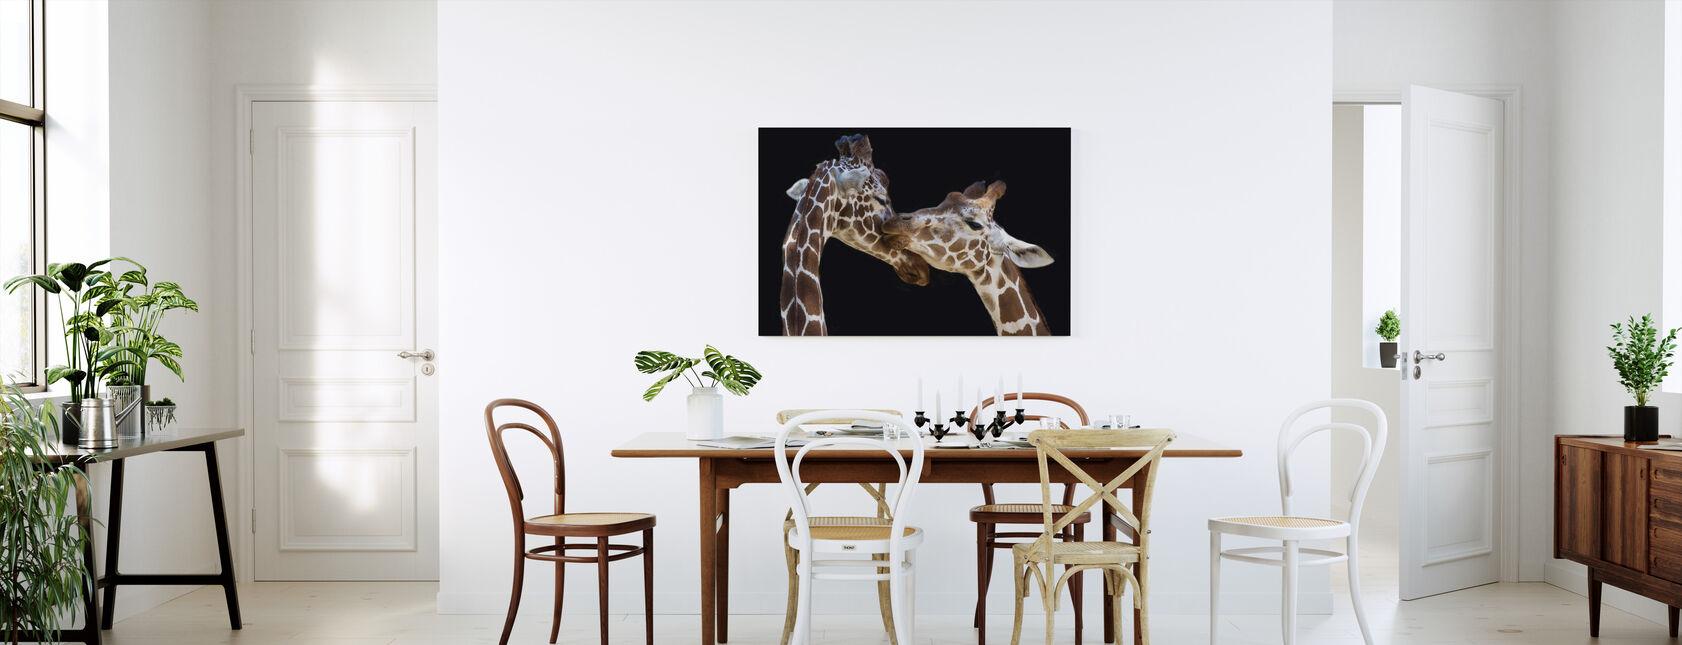 Giraffes Kissing - Canvas print - Kitchen